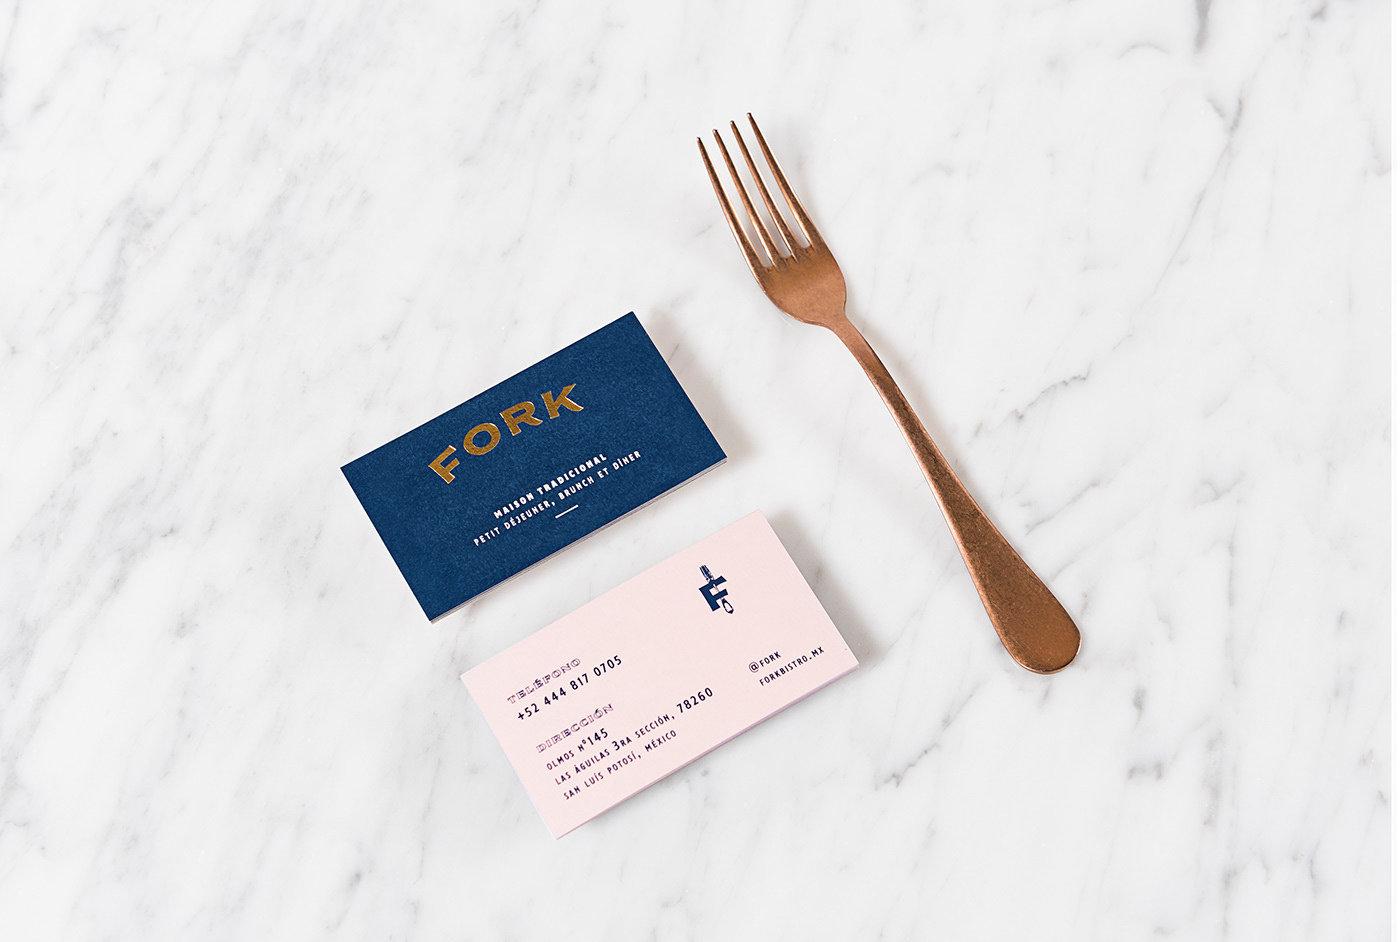 Fork品牌vi鉴赏:Blanca Jiménez